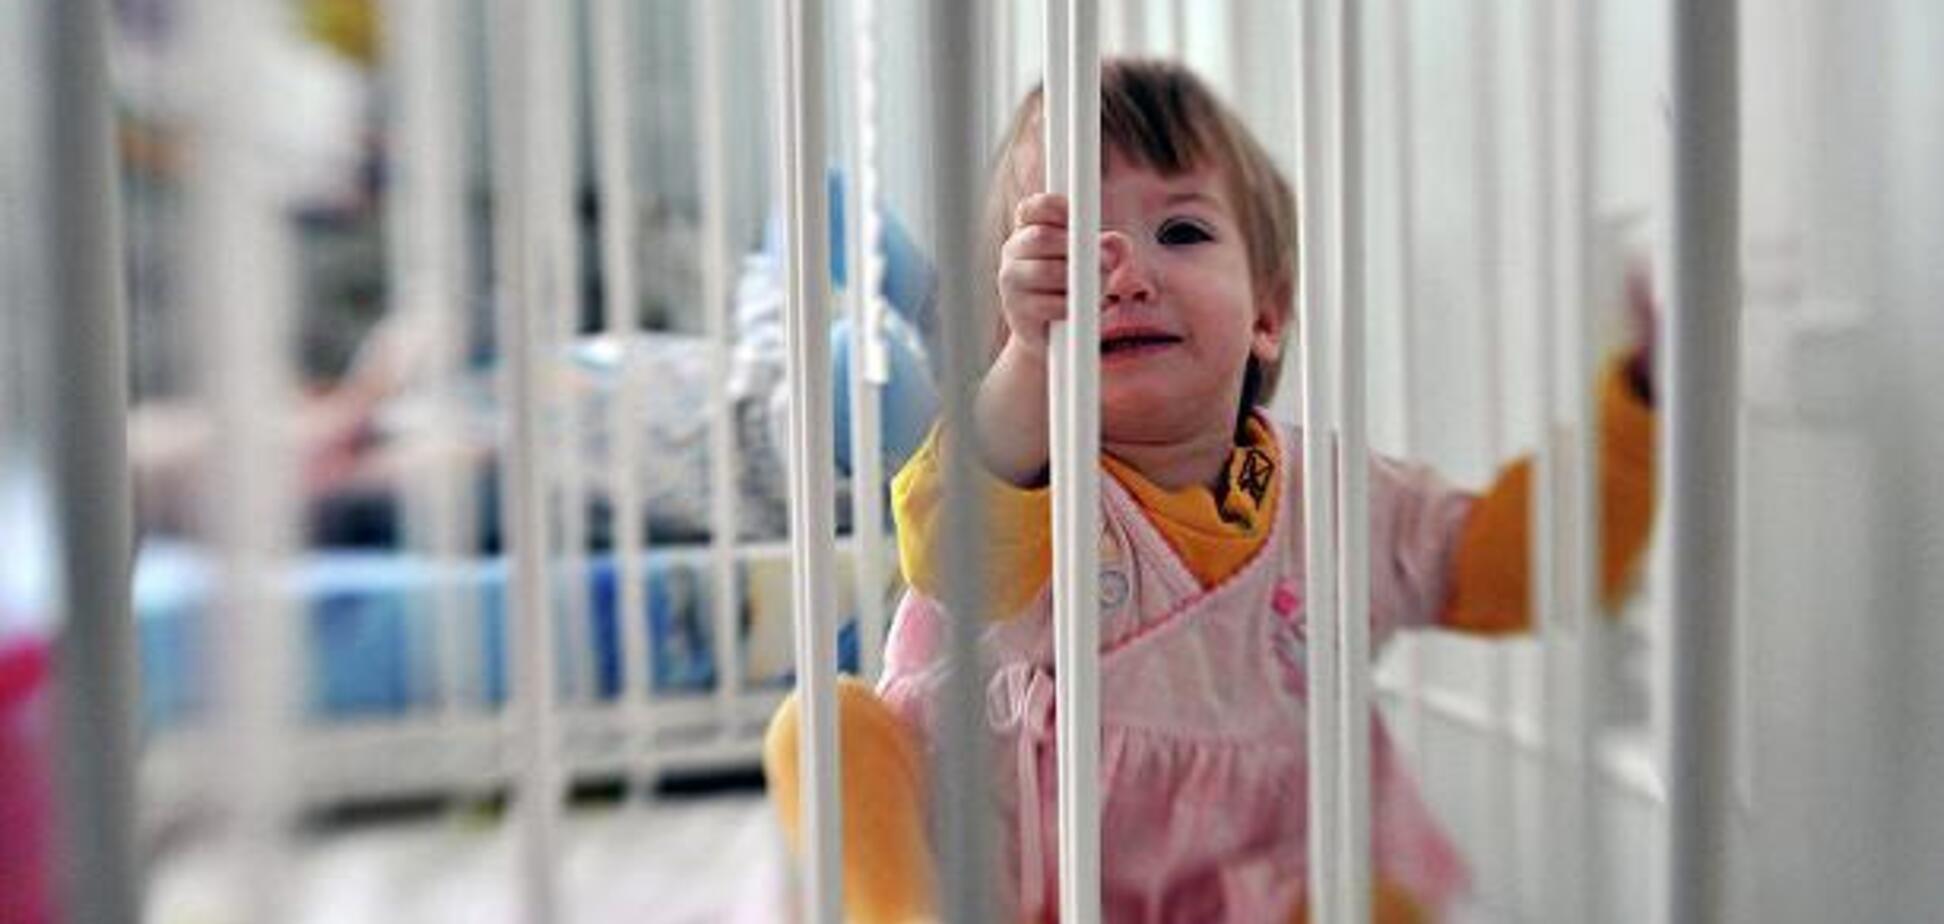 На Николаевщине родители неделю морили голодом 2-летнюю девочку: видео спасения ребенка